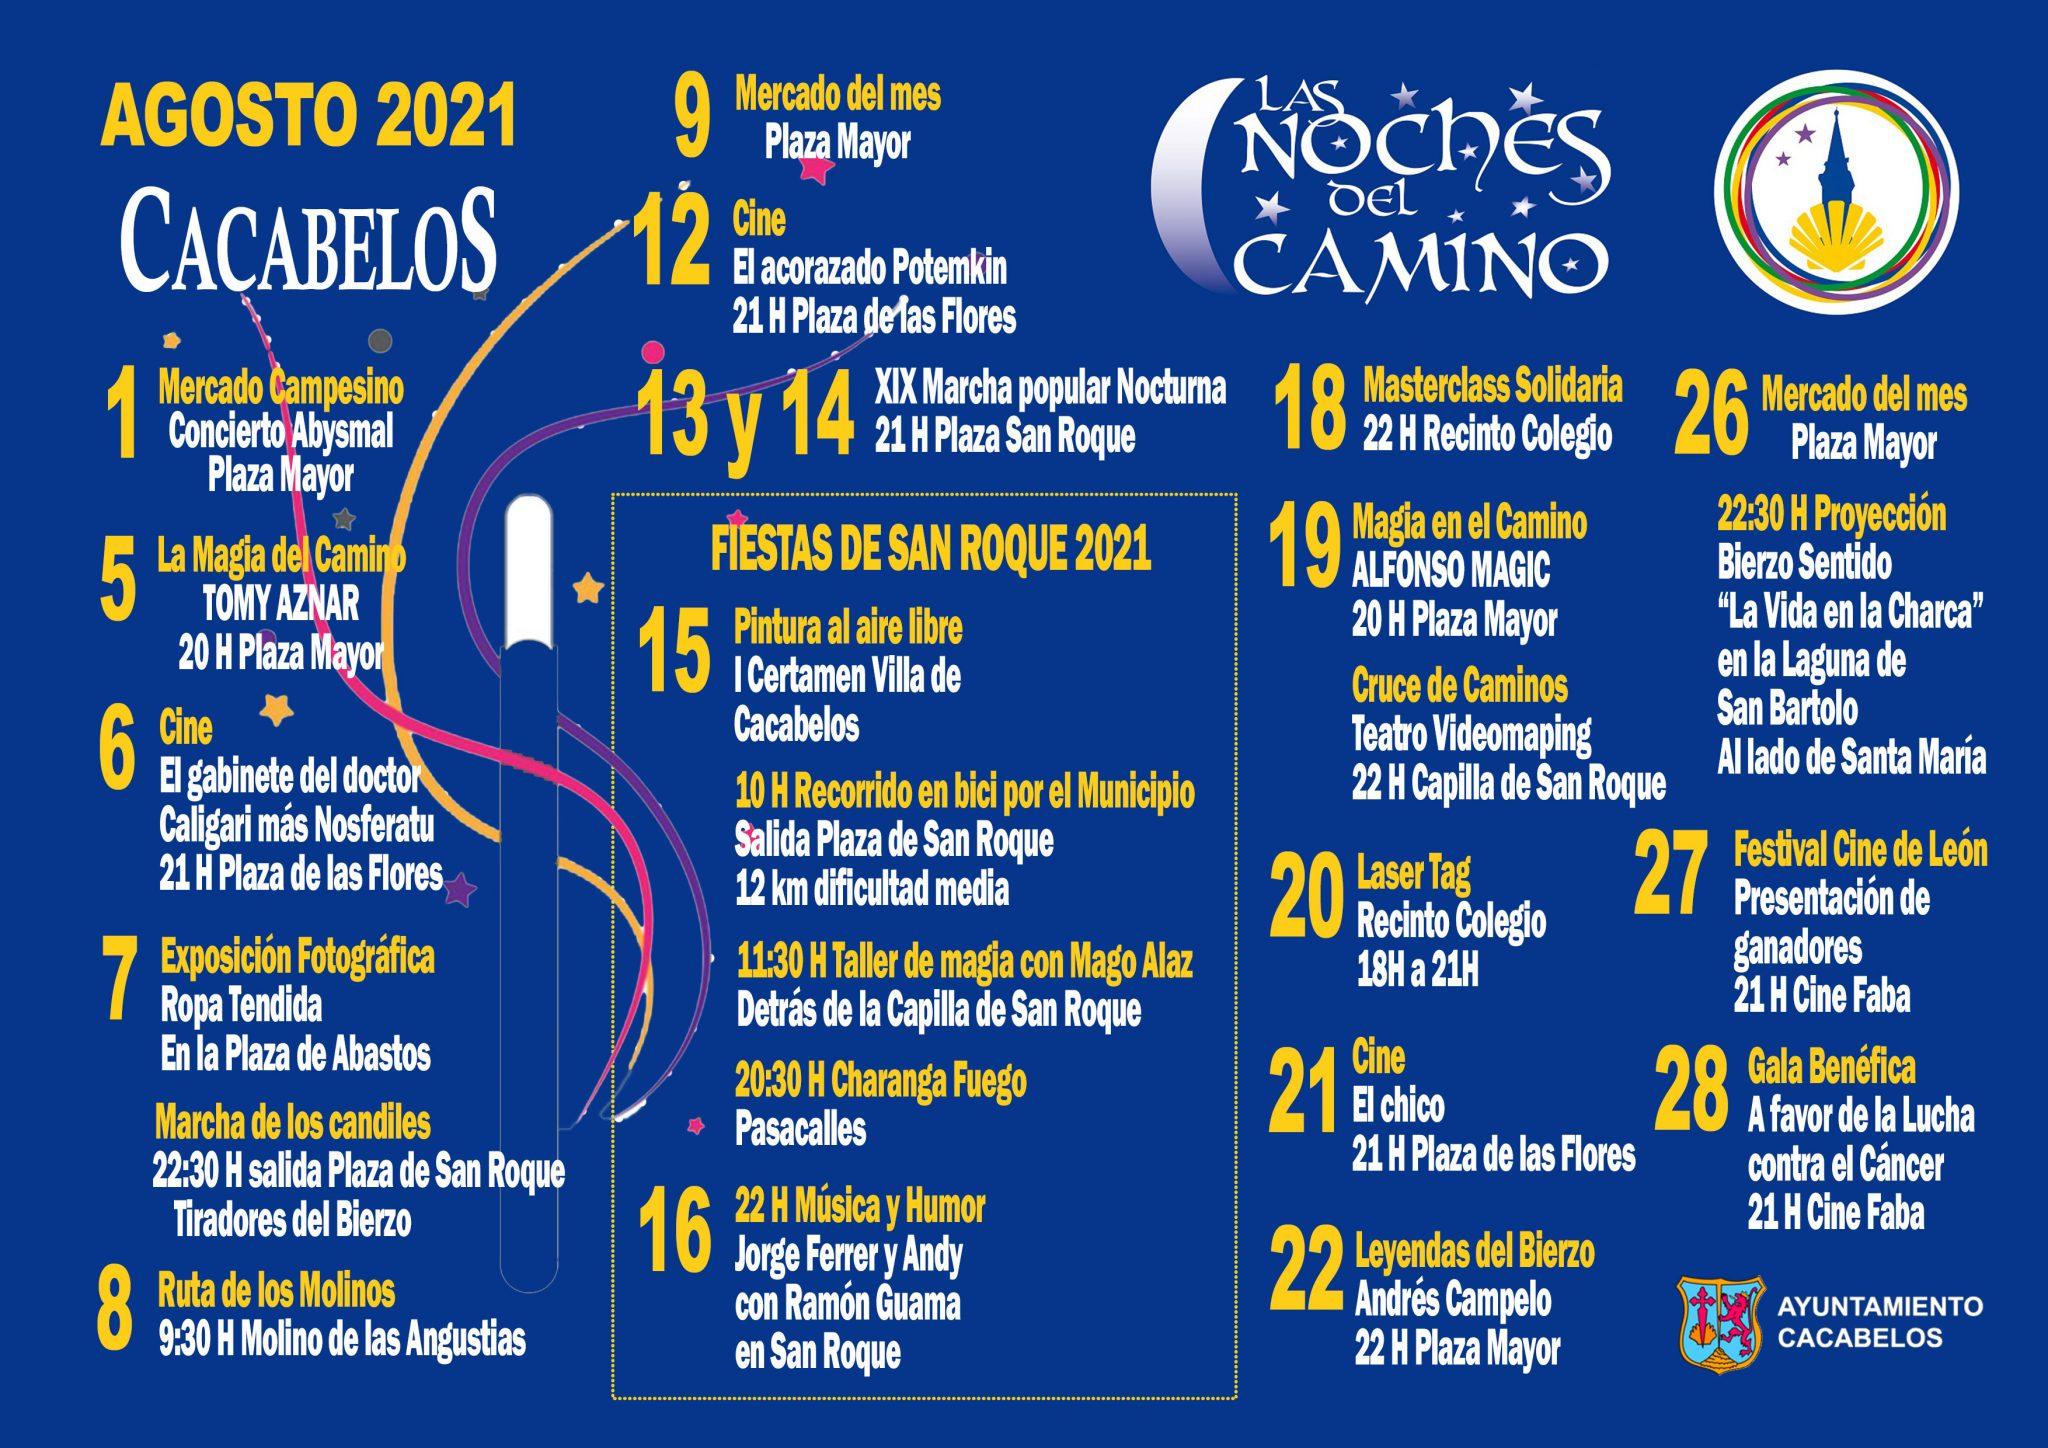 Las noches del Camino regresan a Cacabelos a lo largo de agosto con rutas, magia, música y humor 2